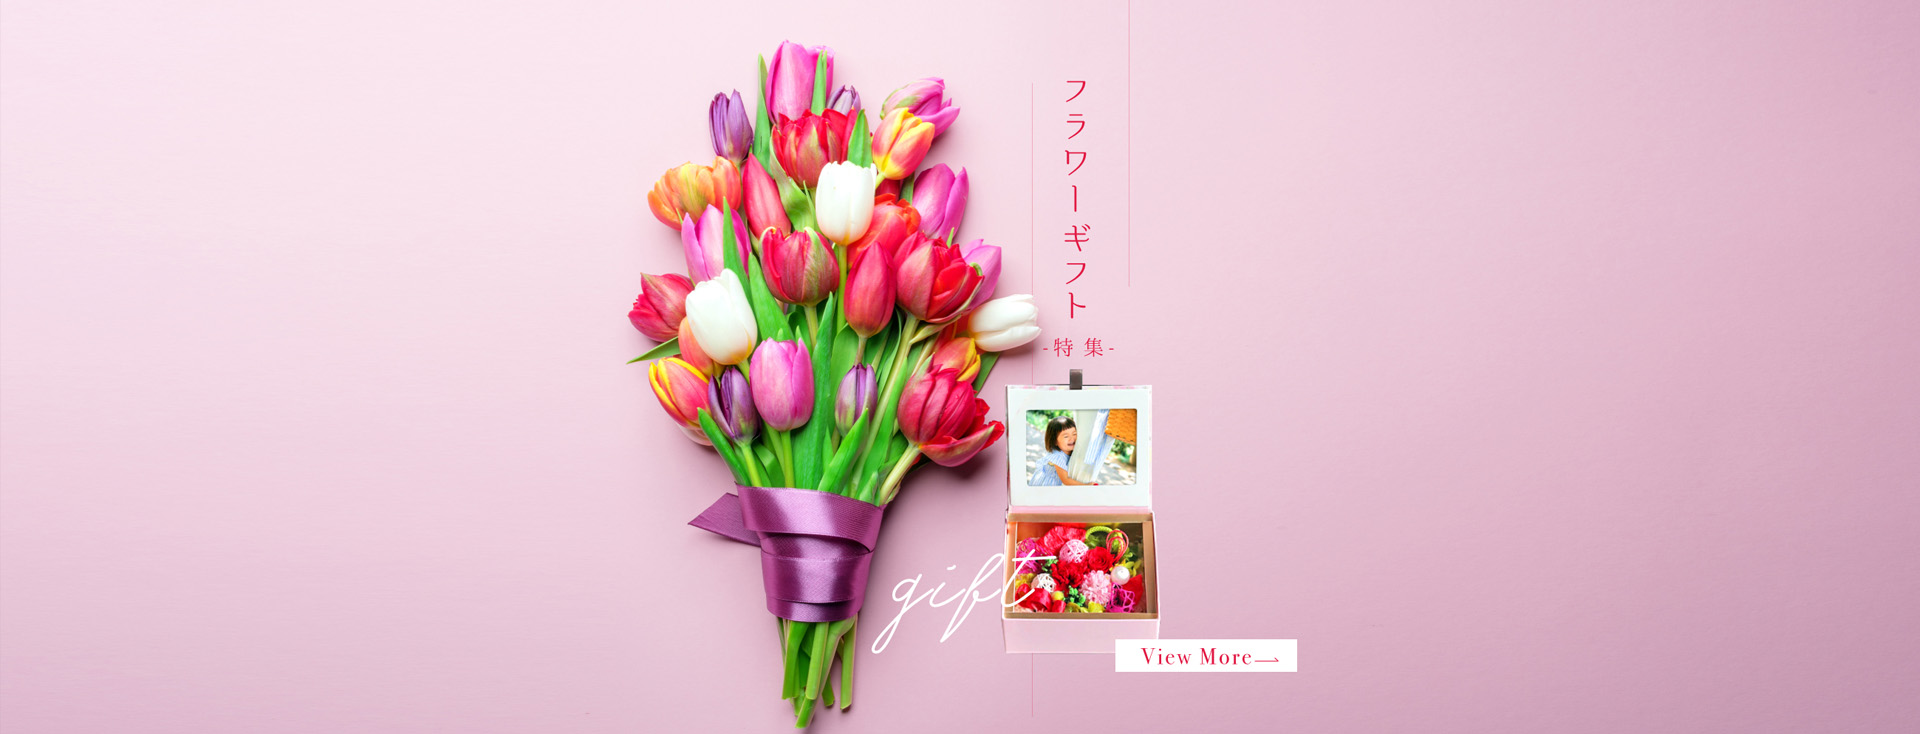 ギフト・花・バルーン